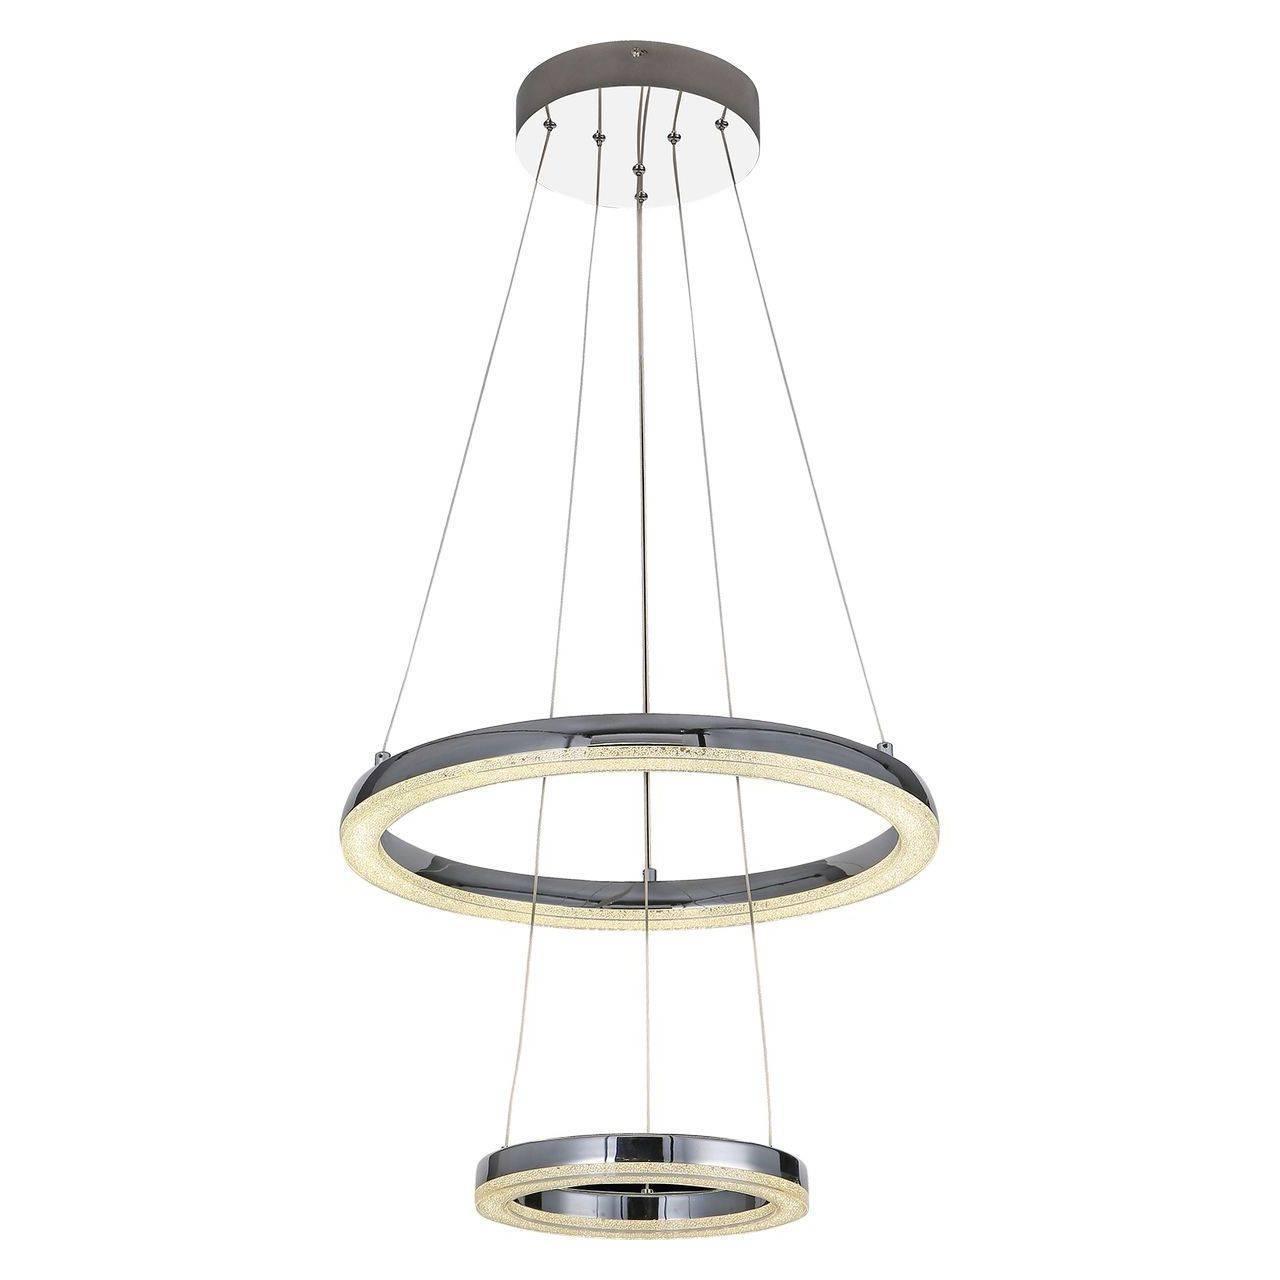 Подвесной светодиодный светильник Globo Siggi 65108-36 подвесной светодиодный светильник globo x mas 23235